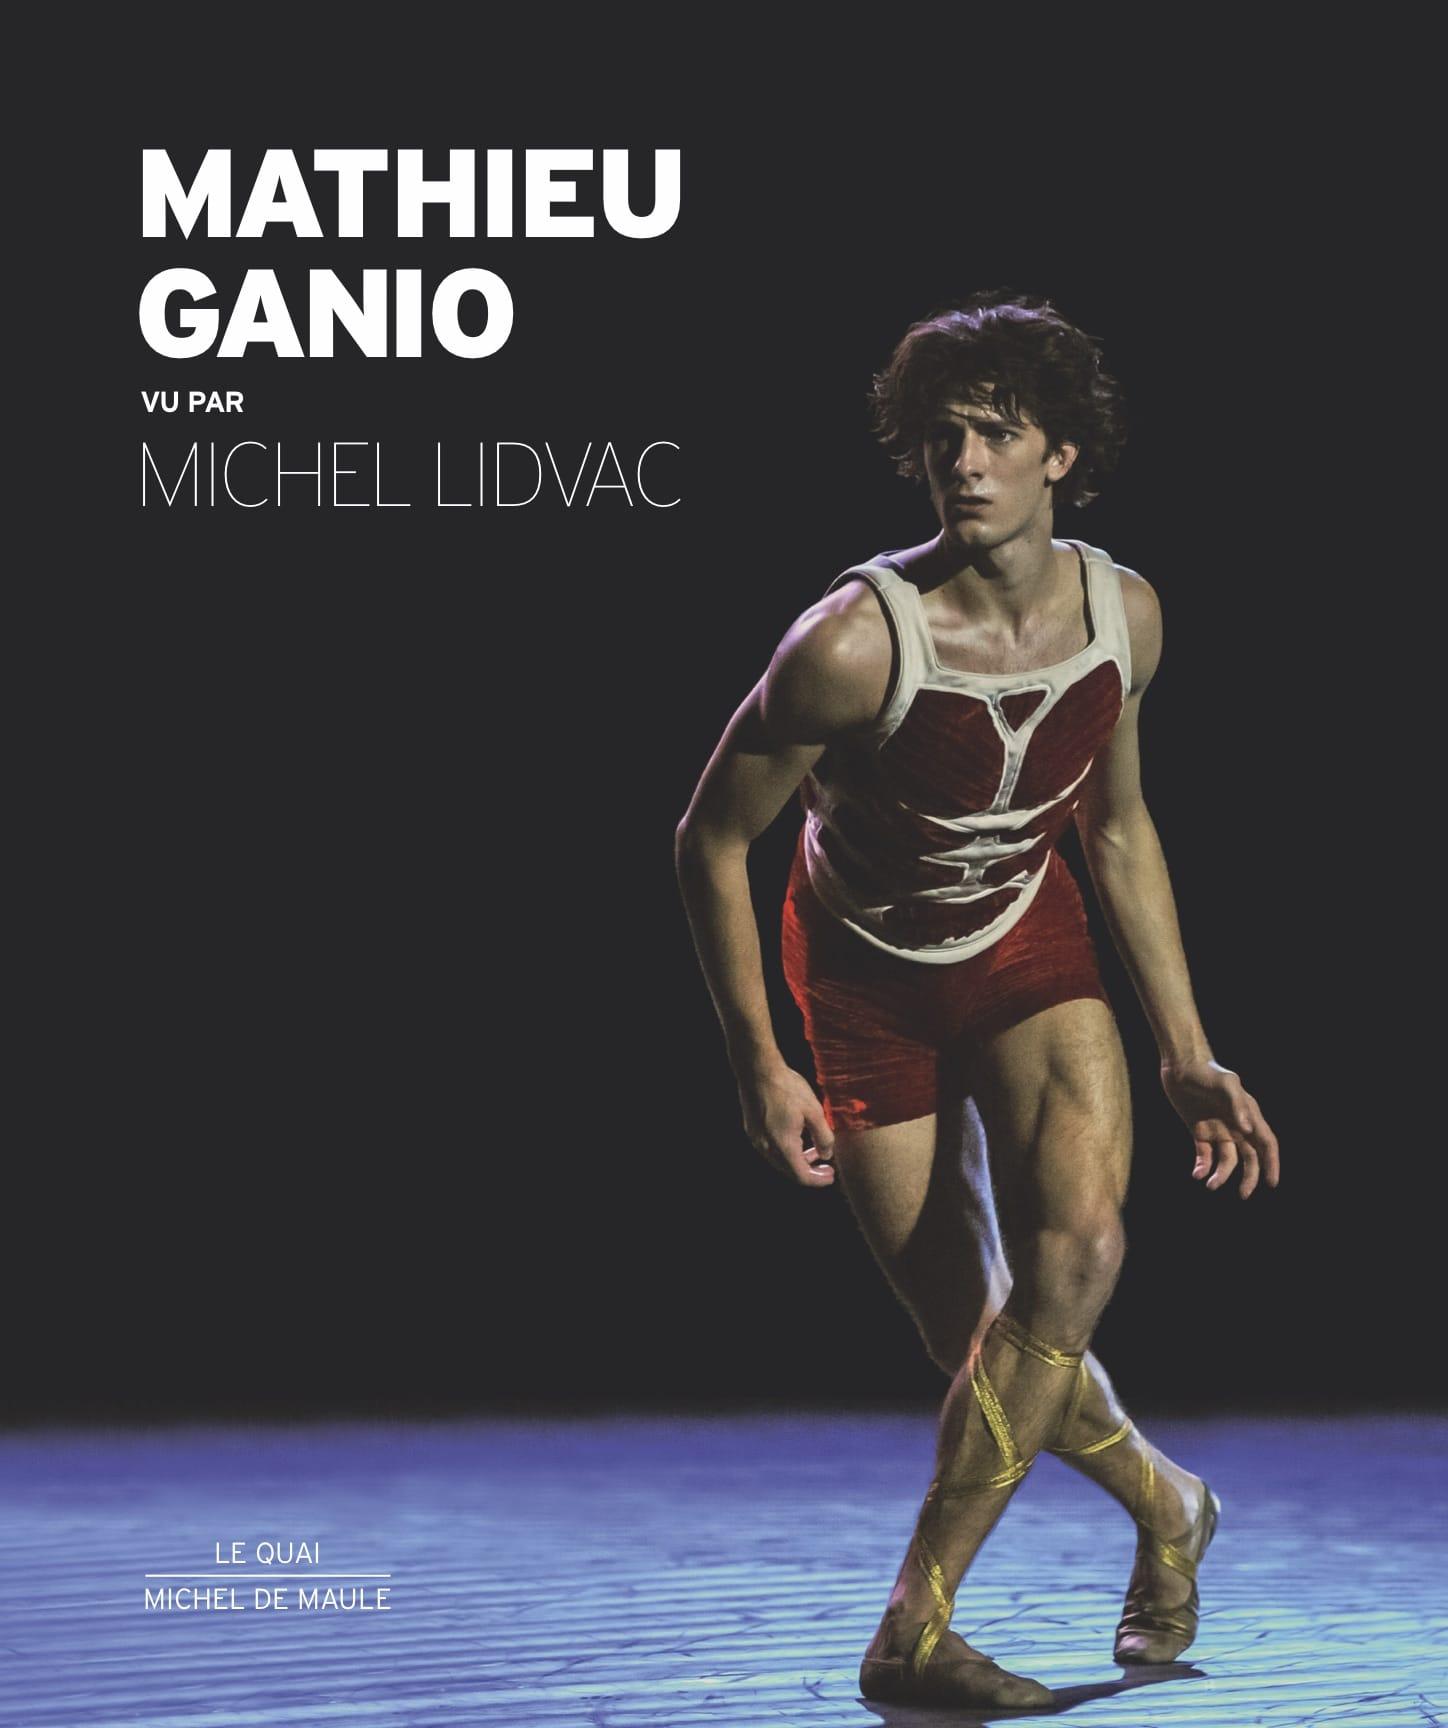 Mathieu Ganio vu par Michel Lidvac